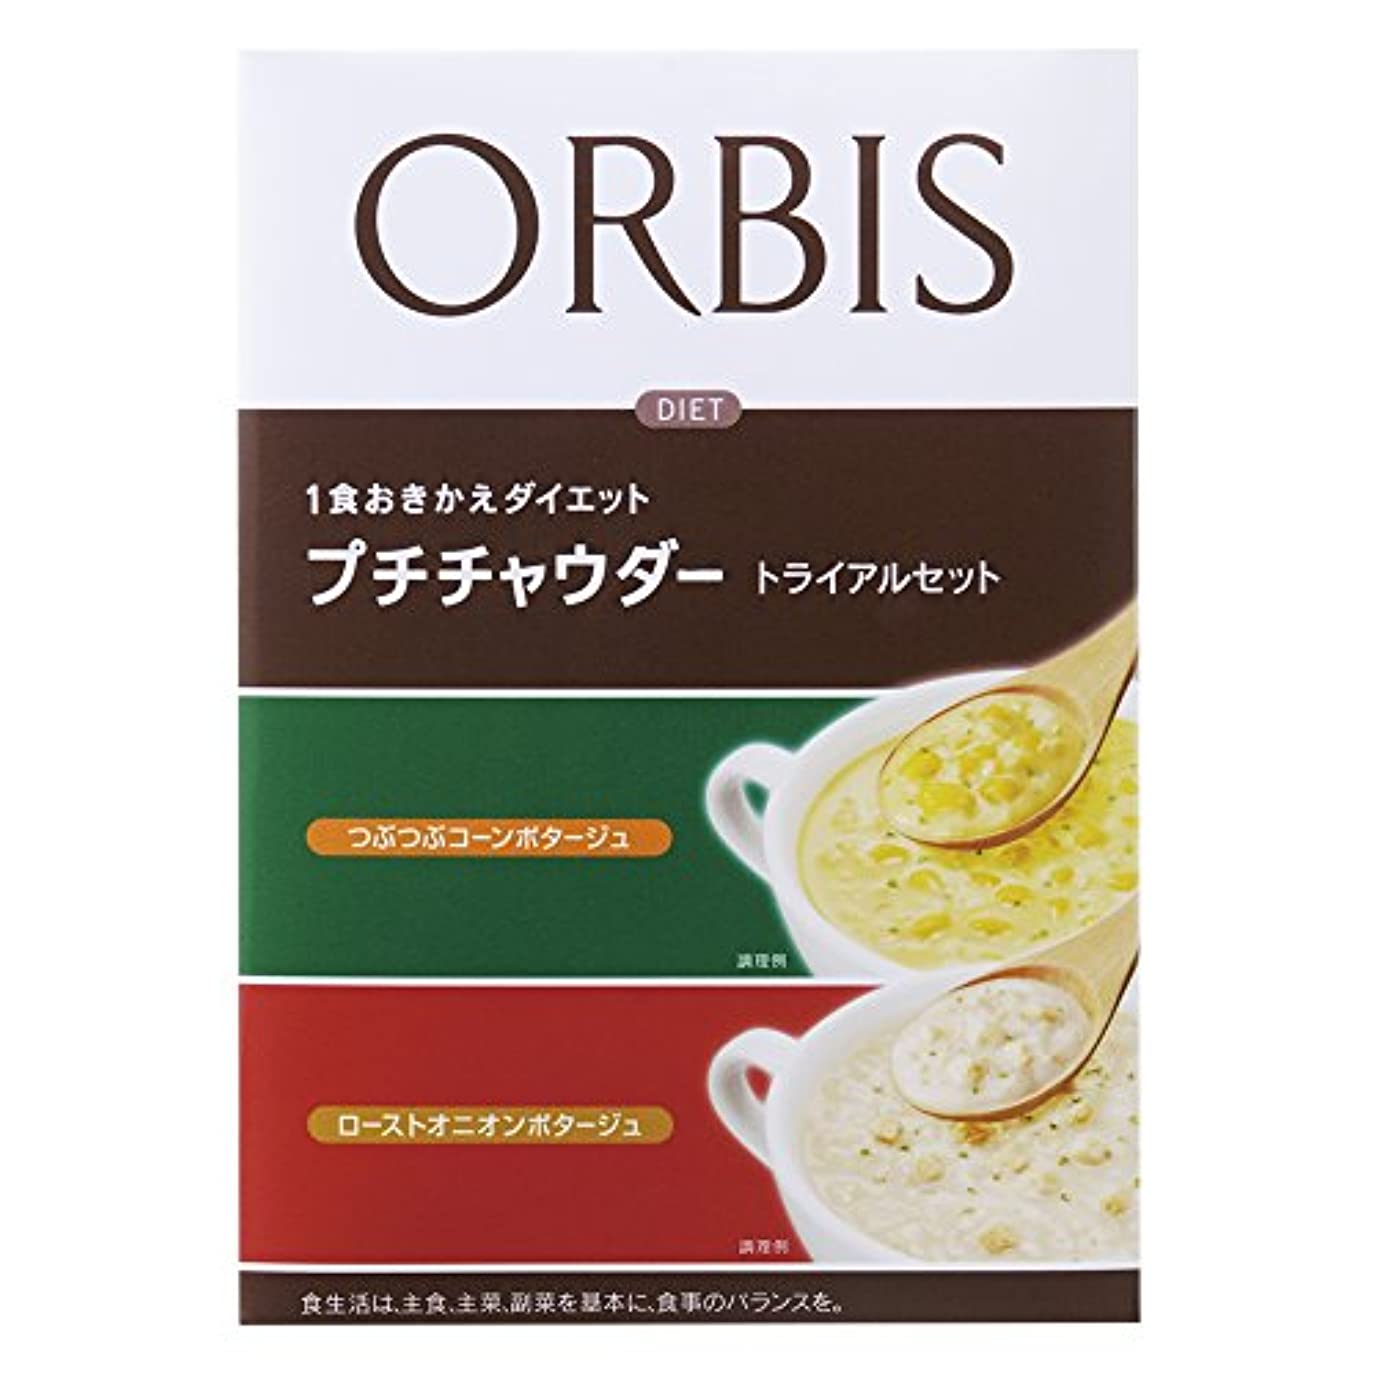 ドナウ川の慈悲で火山学オルビス(ORBIS) プチチャウダー トライアルセット 2食分(各味1食) ◎ダイエットスープ◎ 1食分約123kcal